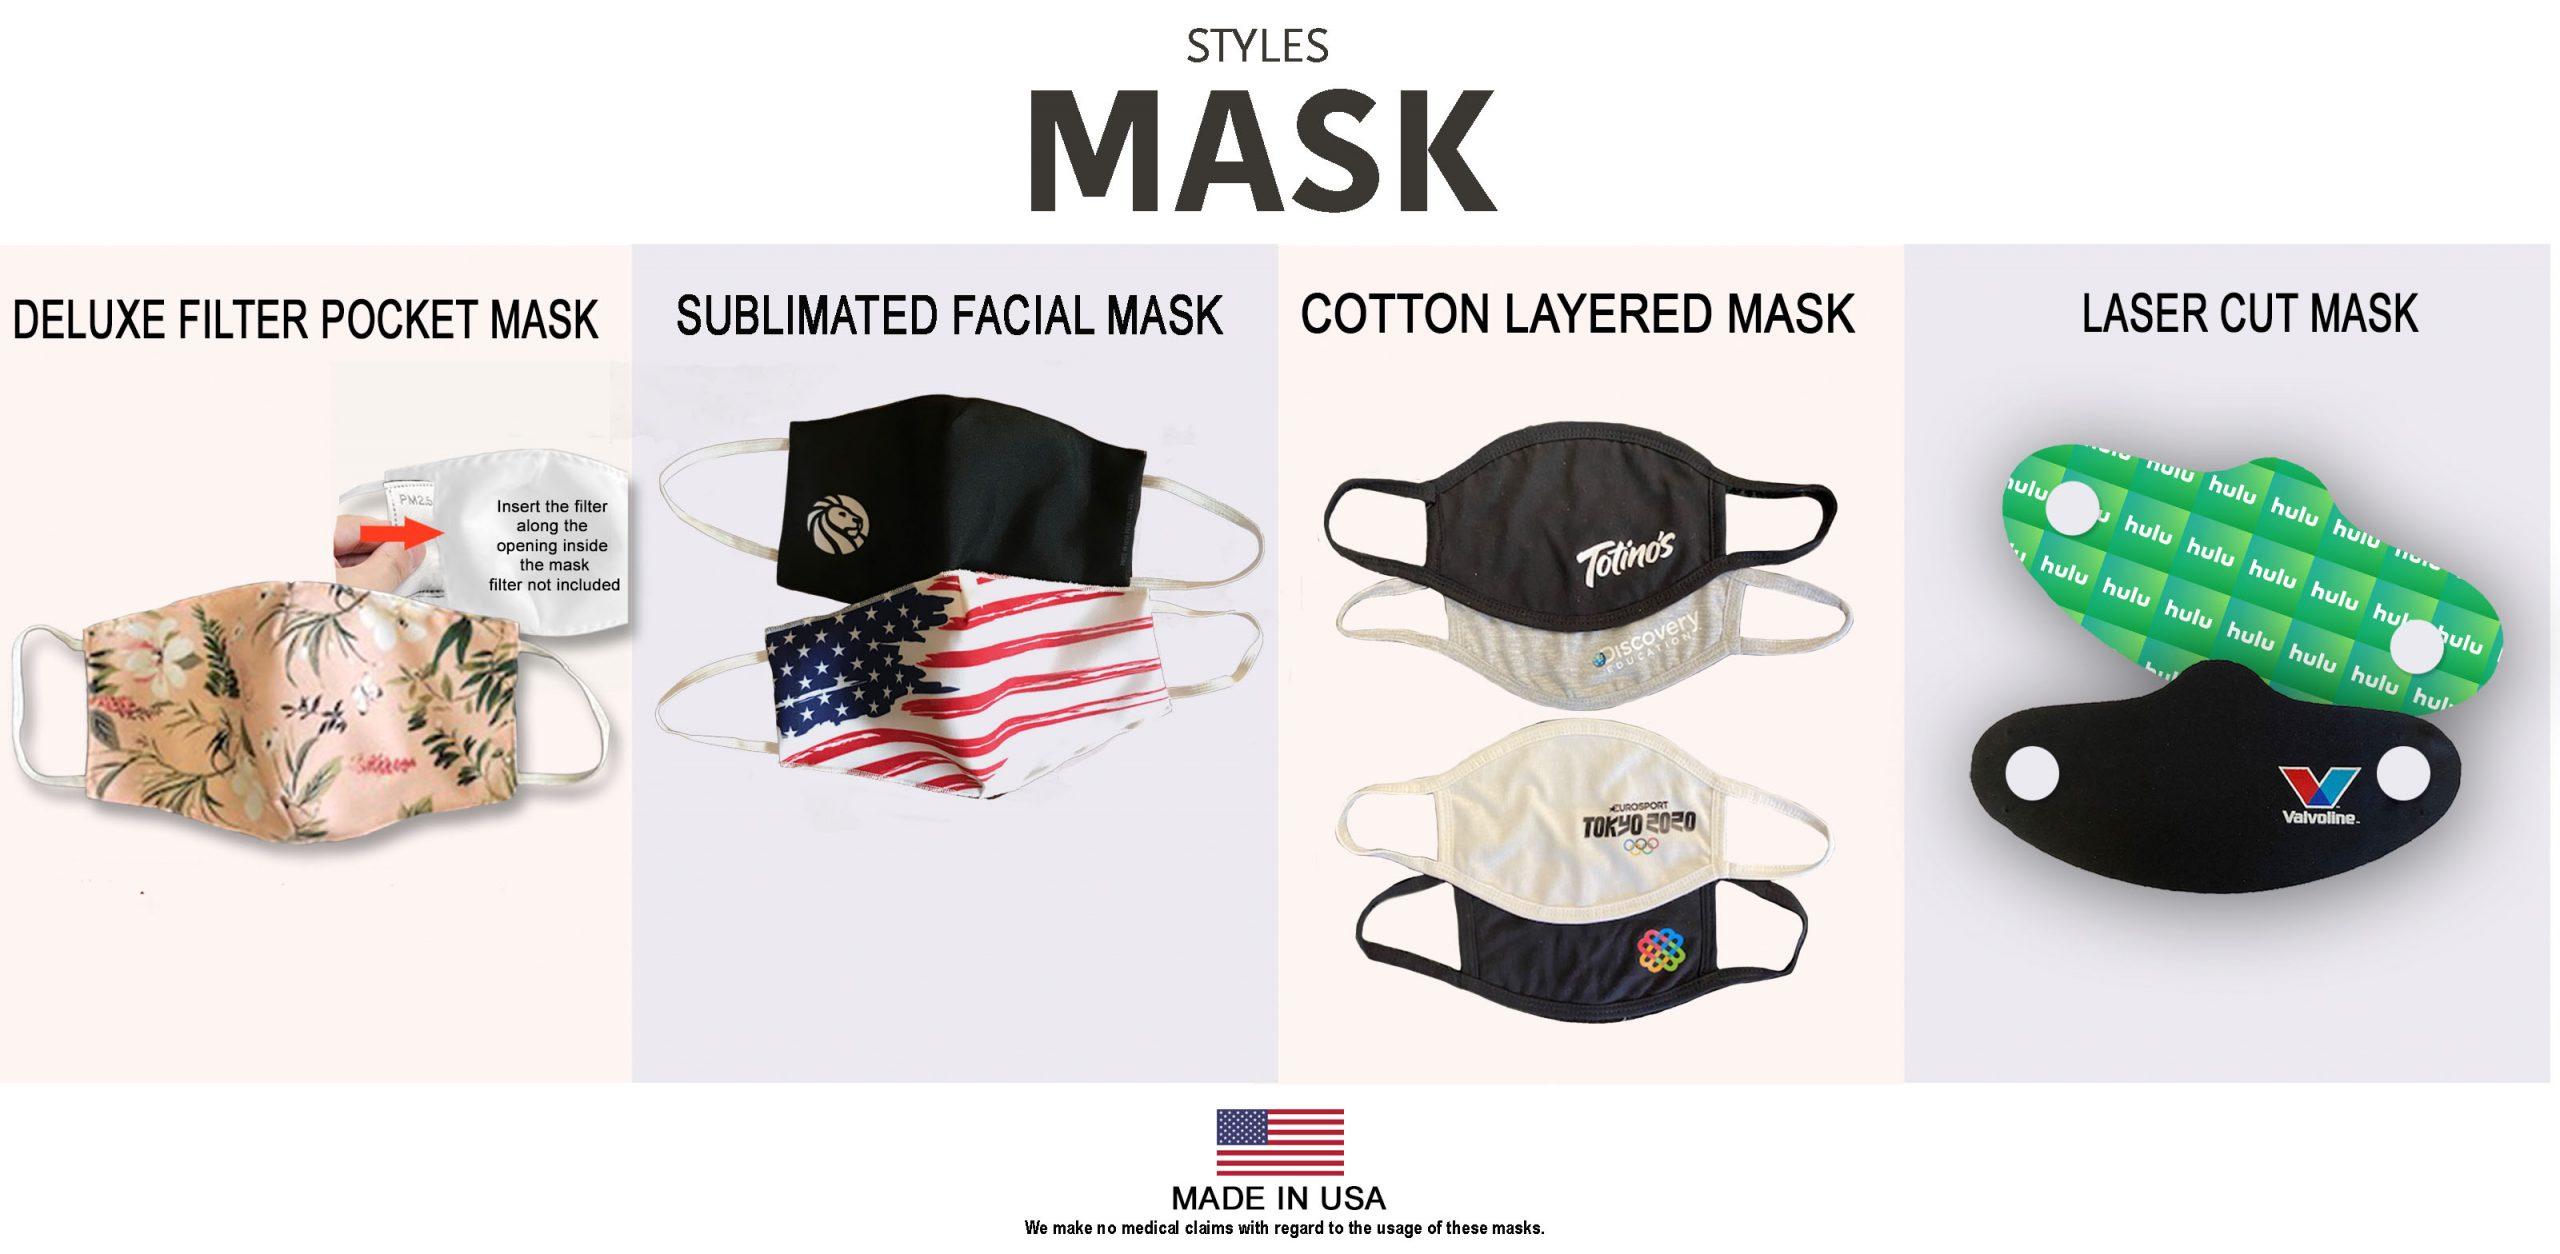 Sublimated mask